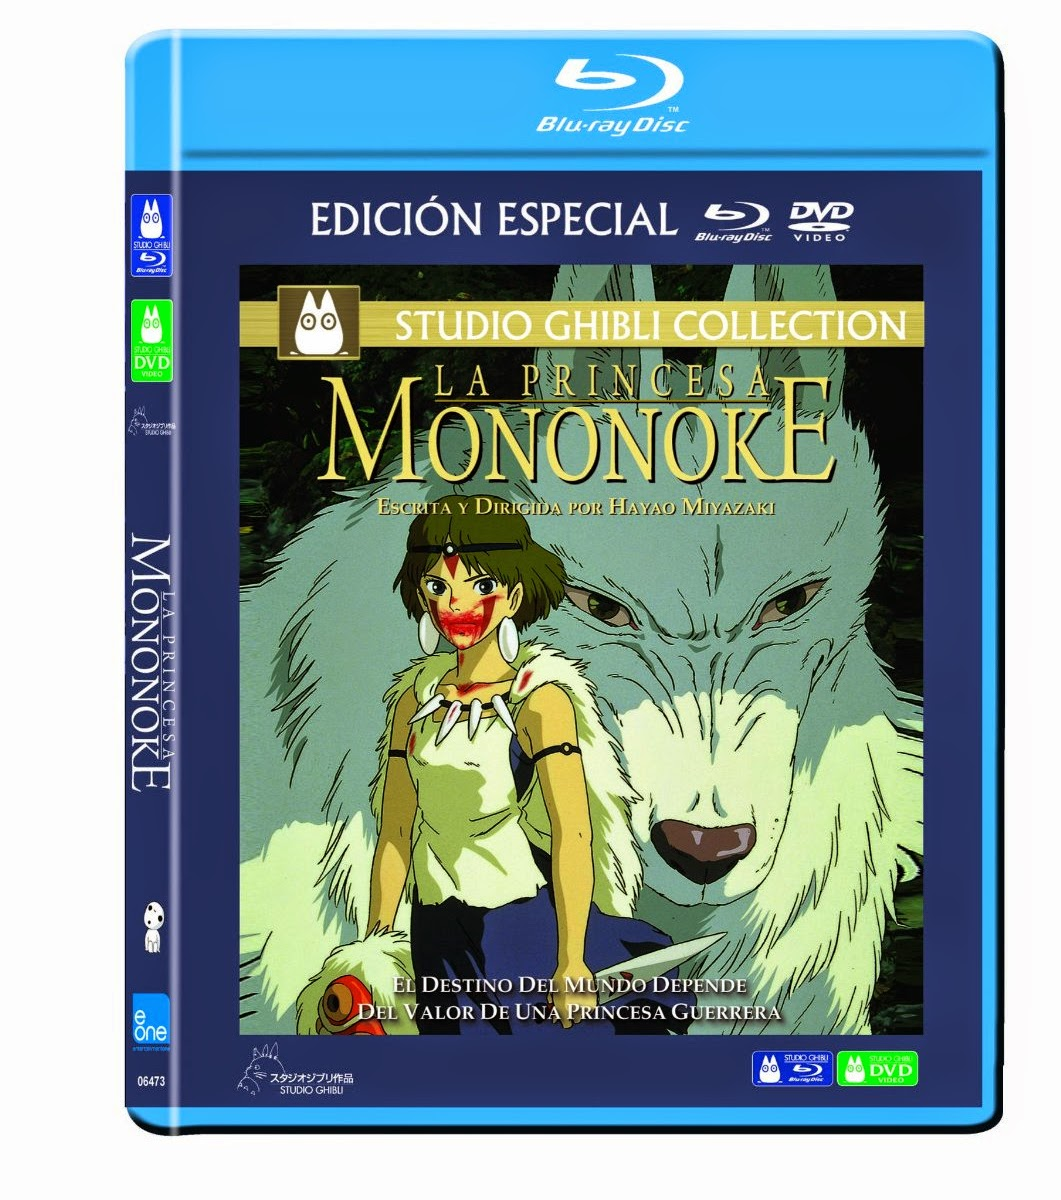 REGALOS DE REYES!! - Página 6 Mononoke-bd-espana